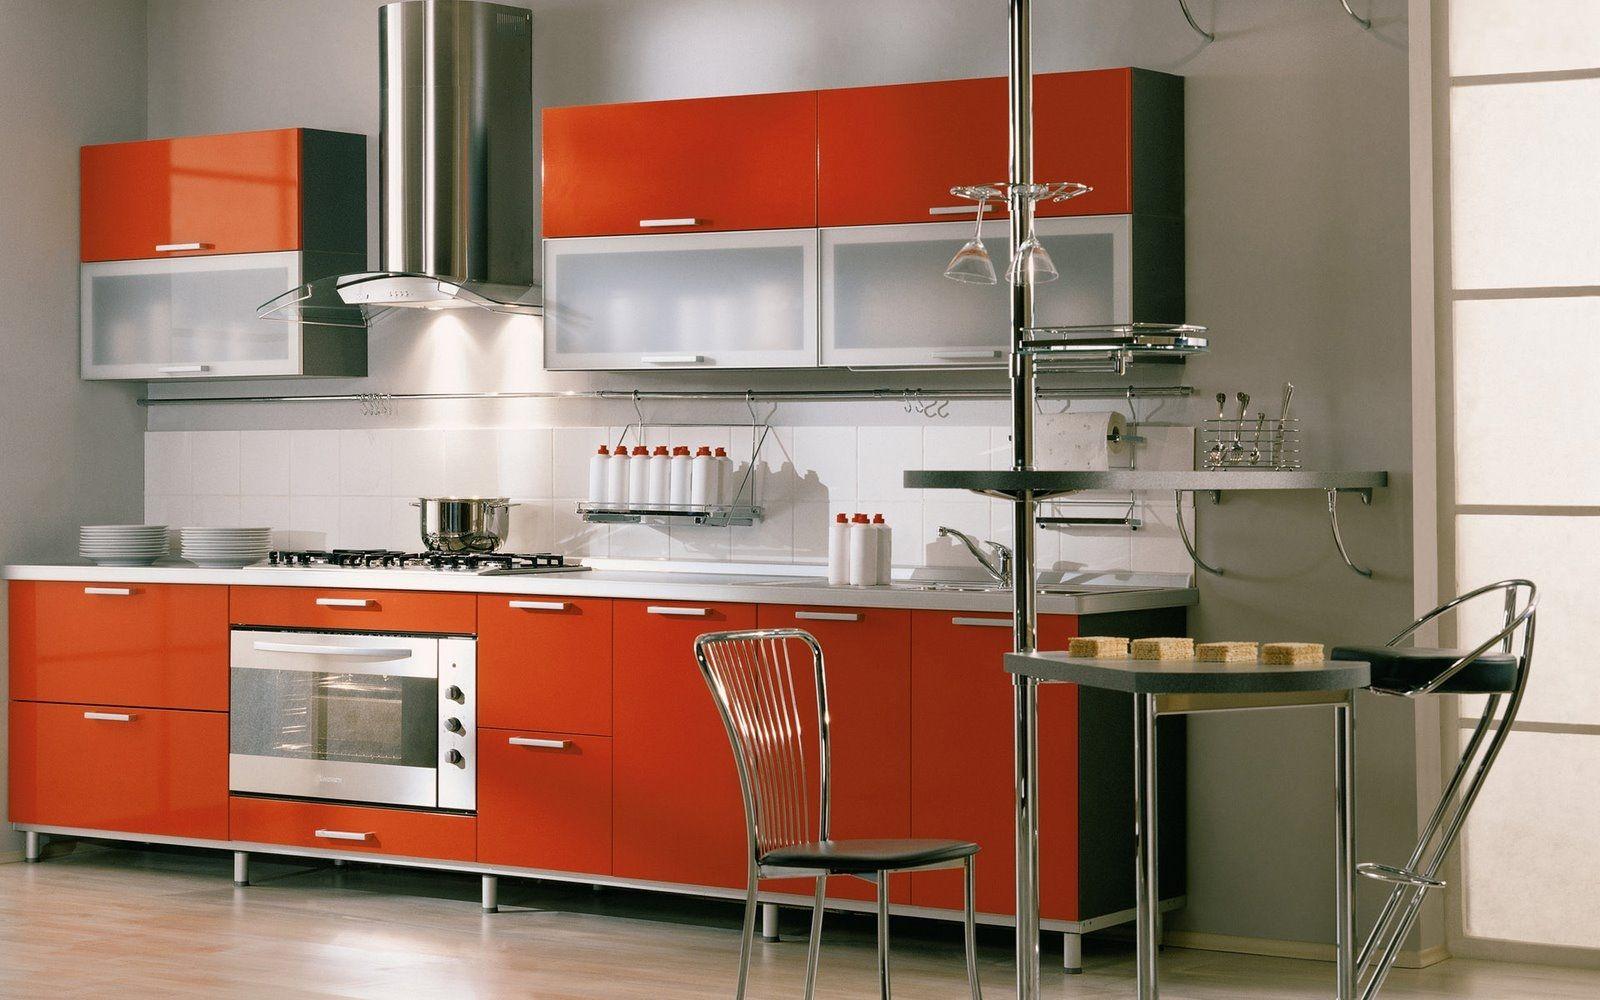 Metallic Chair Italian Kitchen Design Stainless Steel Range Hood